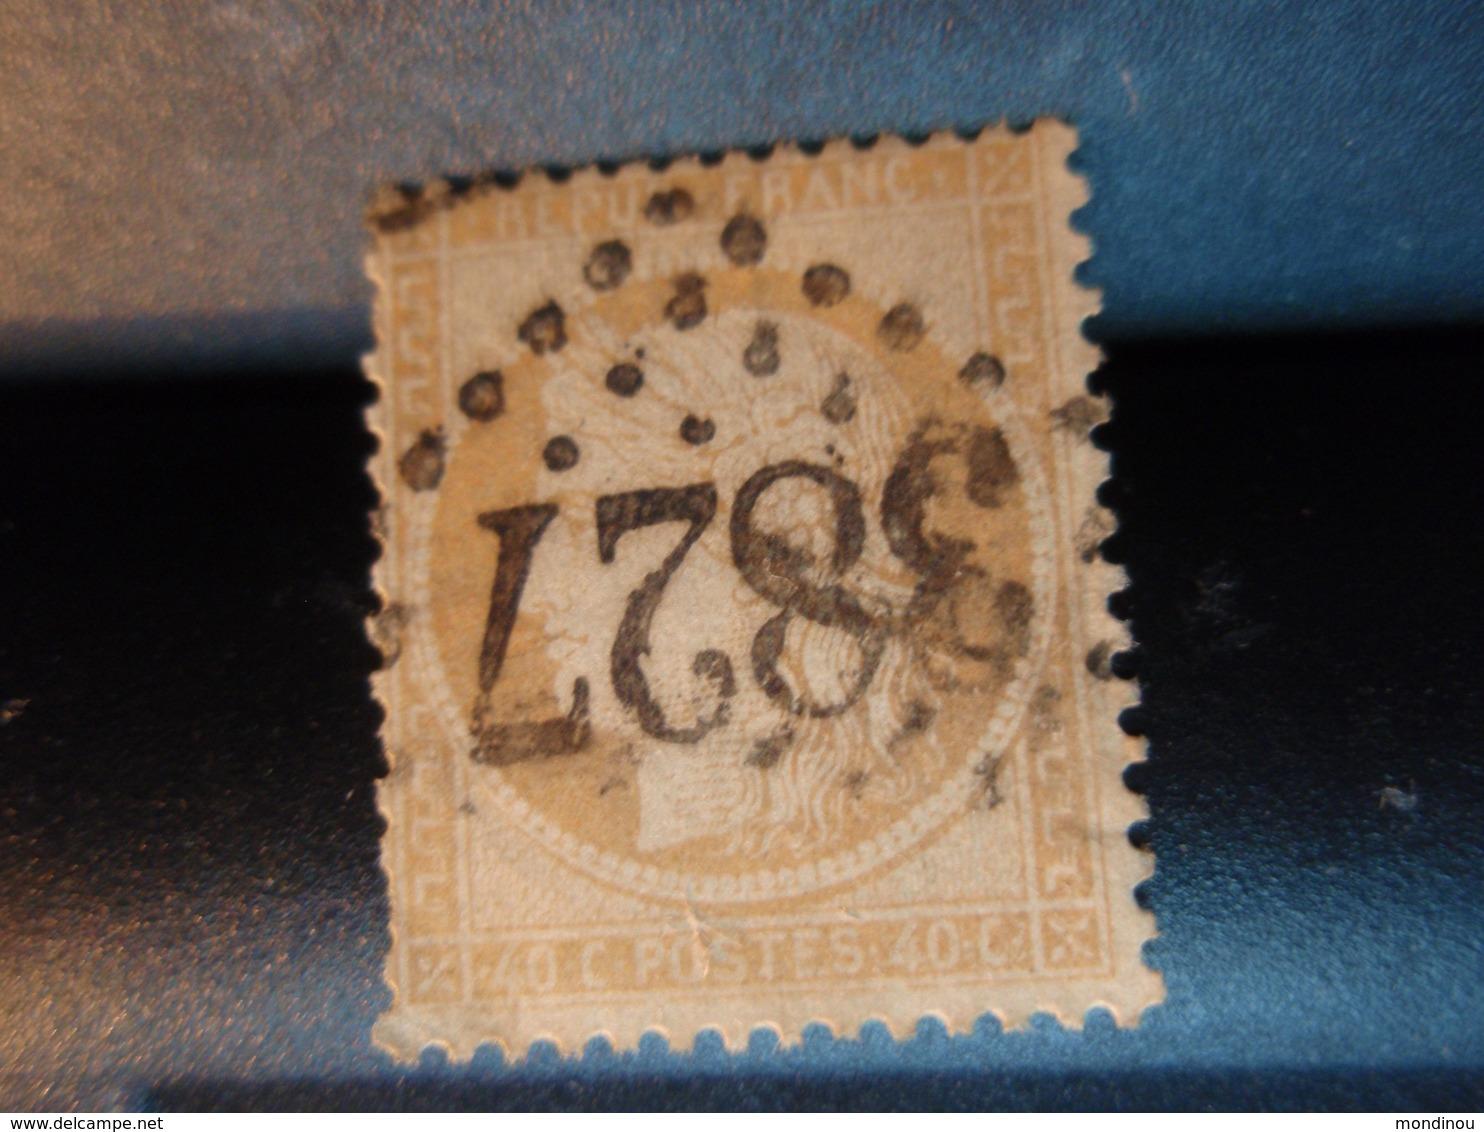 TIMBRE TYPE CERES 40C ORANGE, TIMBRE OBLITERE  Numéroté 3827 -  Couleur Claire - 1870 Siege Of Paris